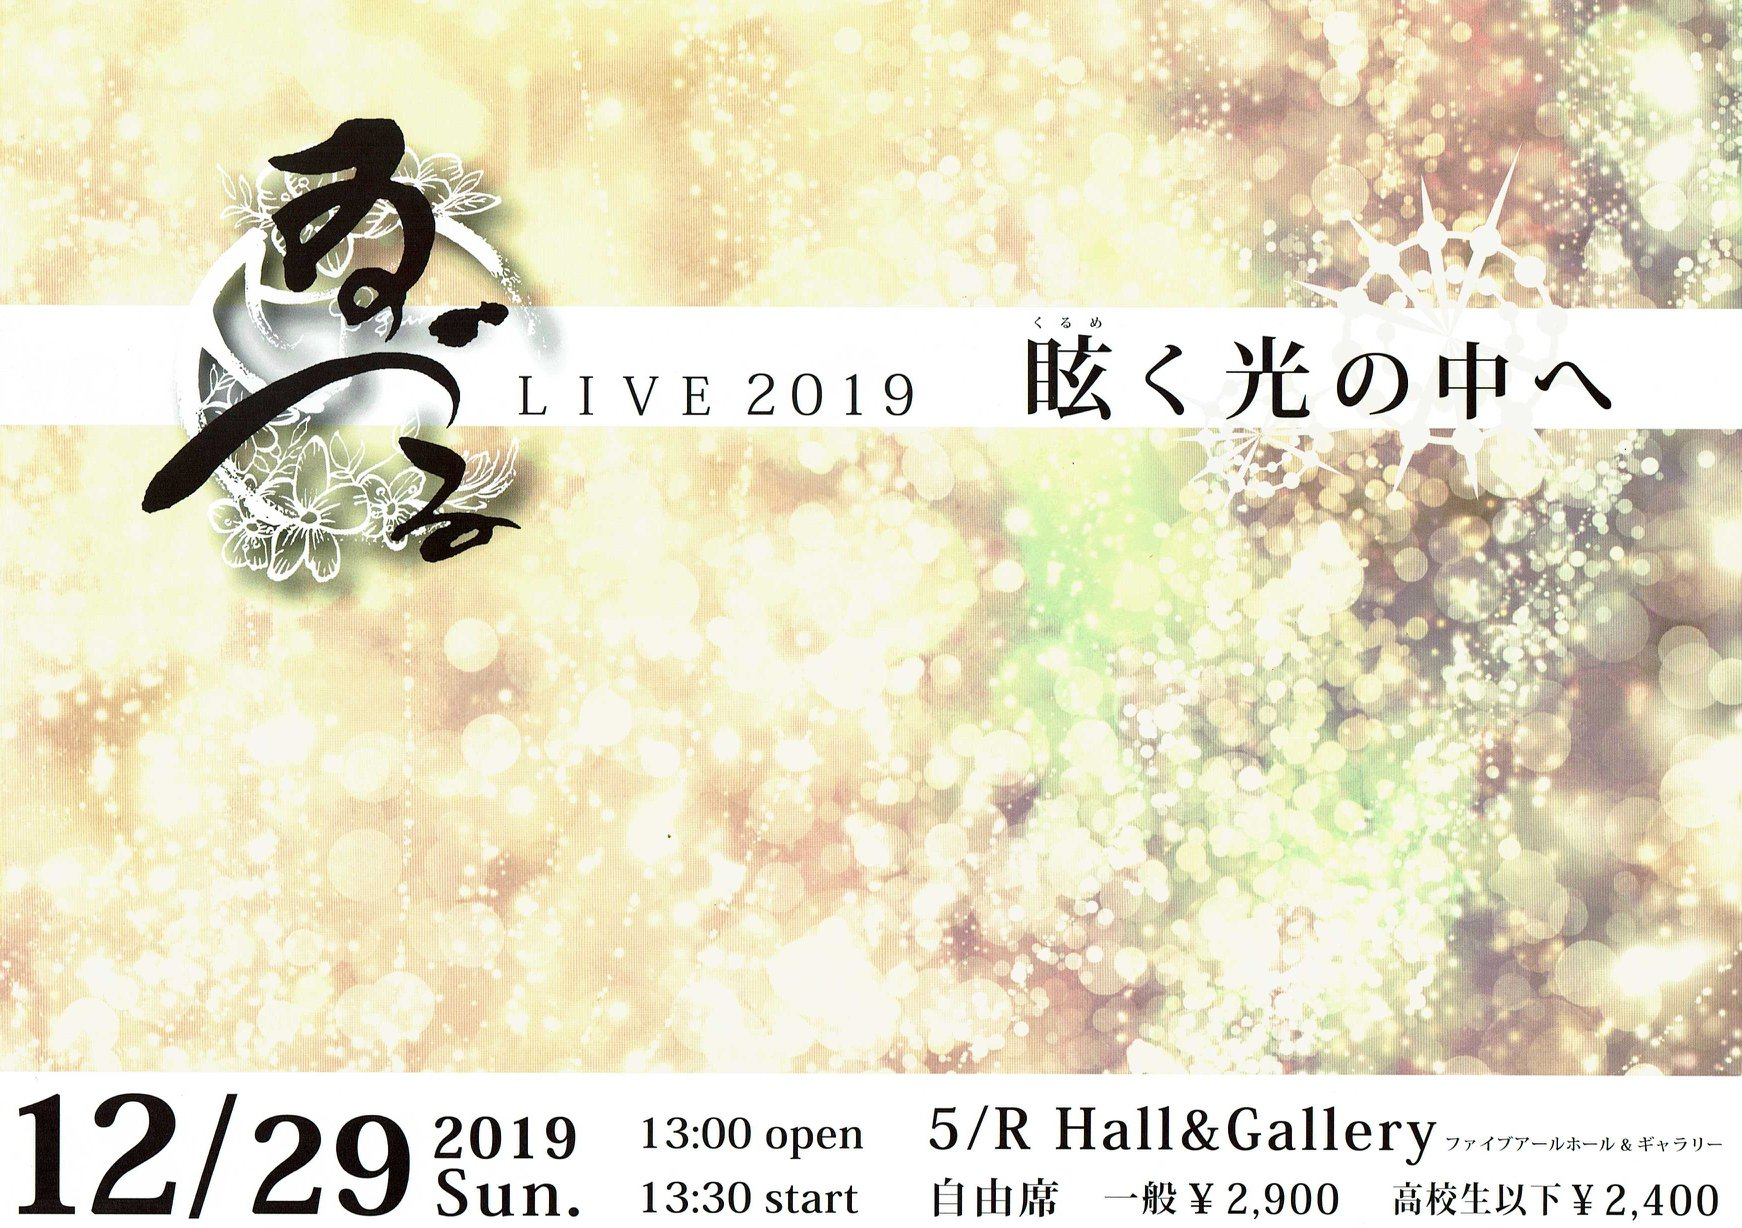 ゐづる LIVE 2019 「眩く光の中へ」